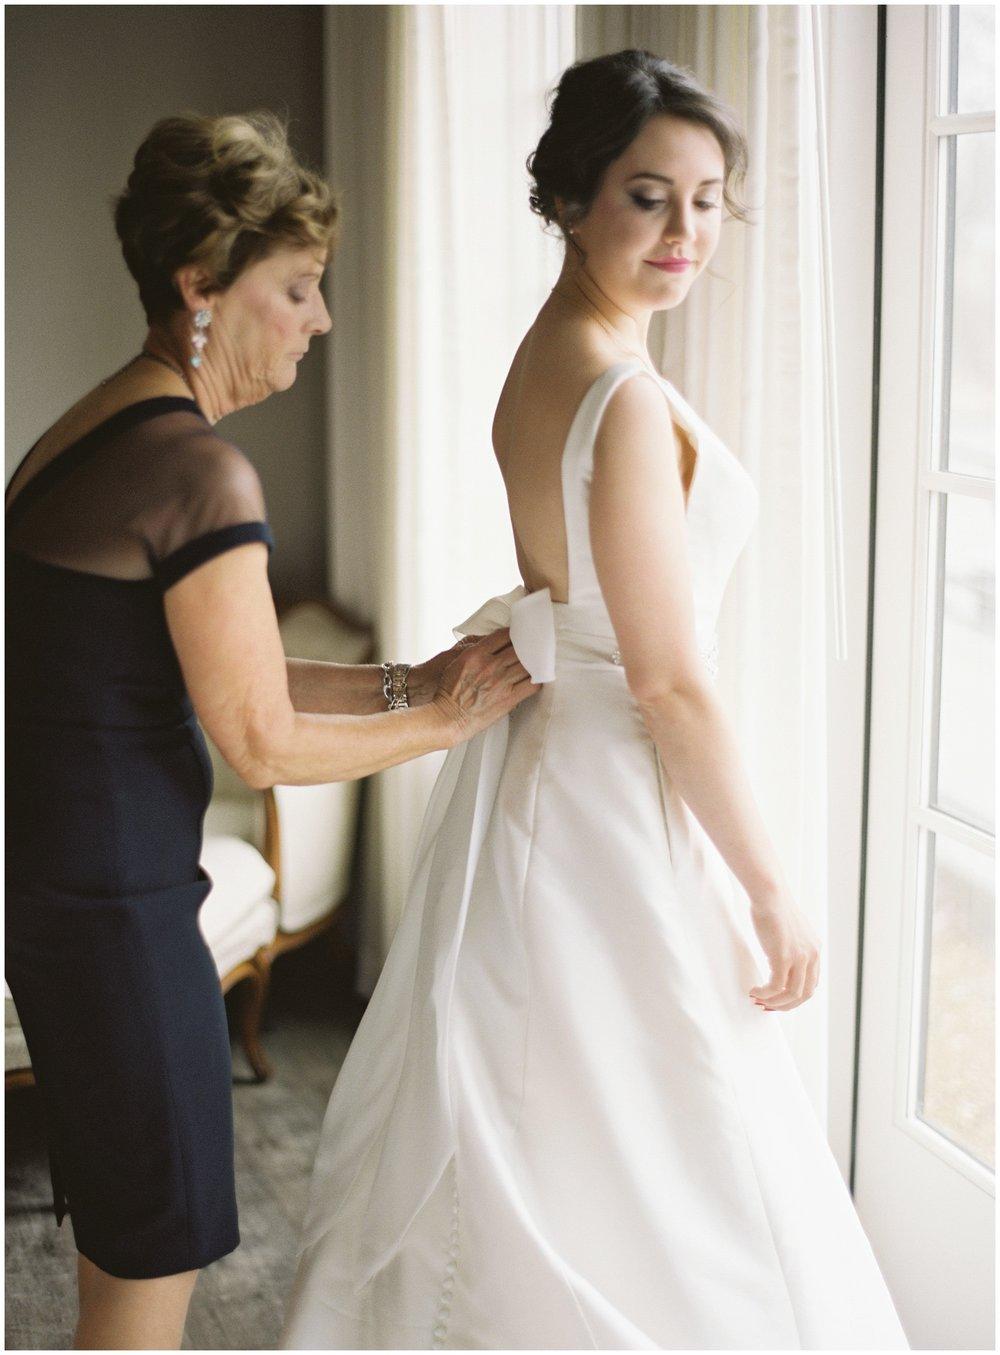 wedding photography st louis_lauren muckler photography_film photographer_film wedding_0006.jpg